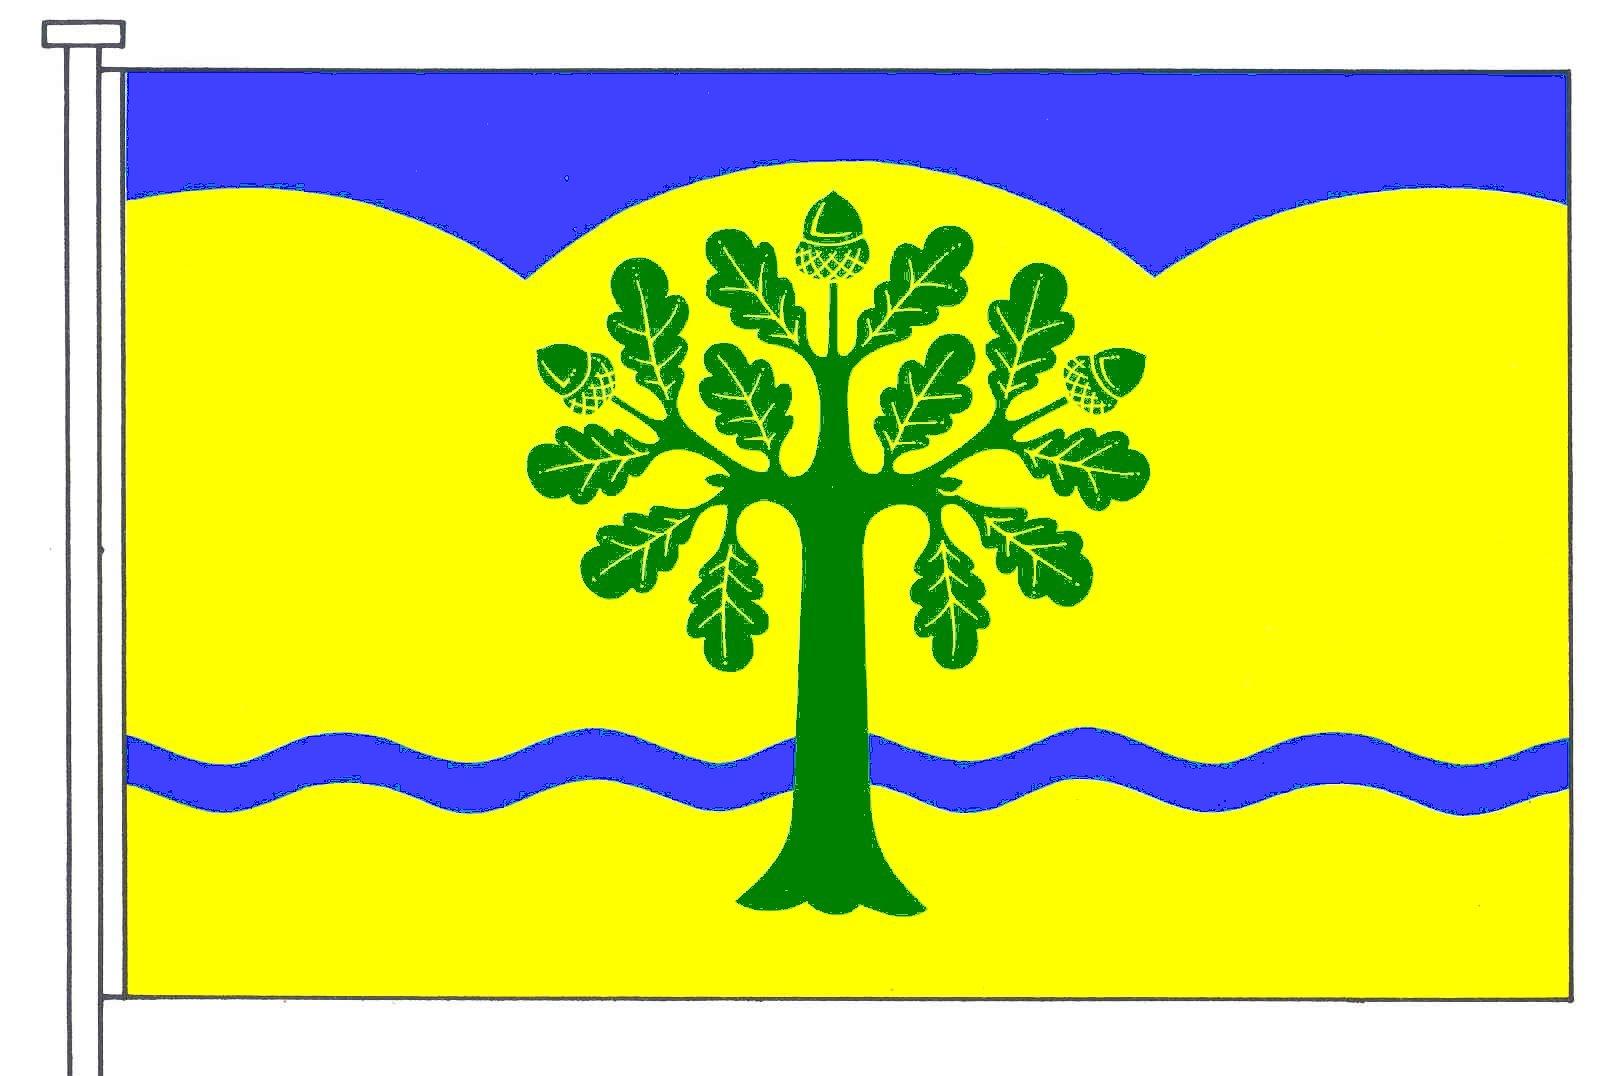 Flagge GemeindeBarkelsby, Kreis Rendsburg-Eckernförde